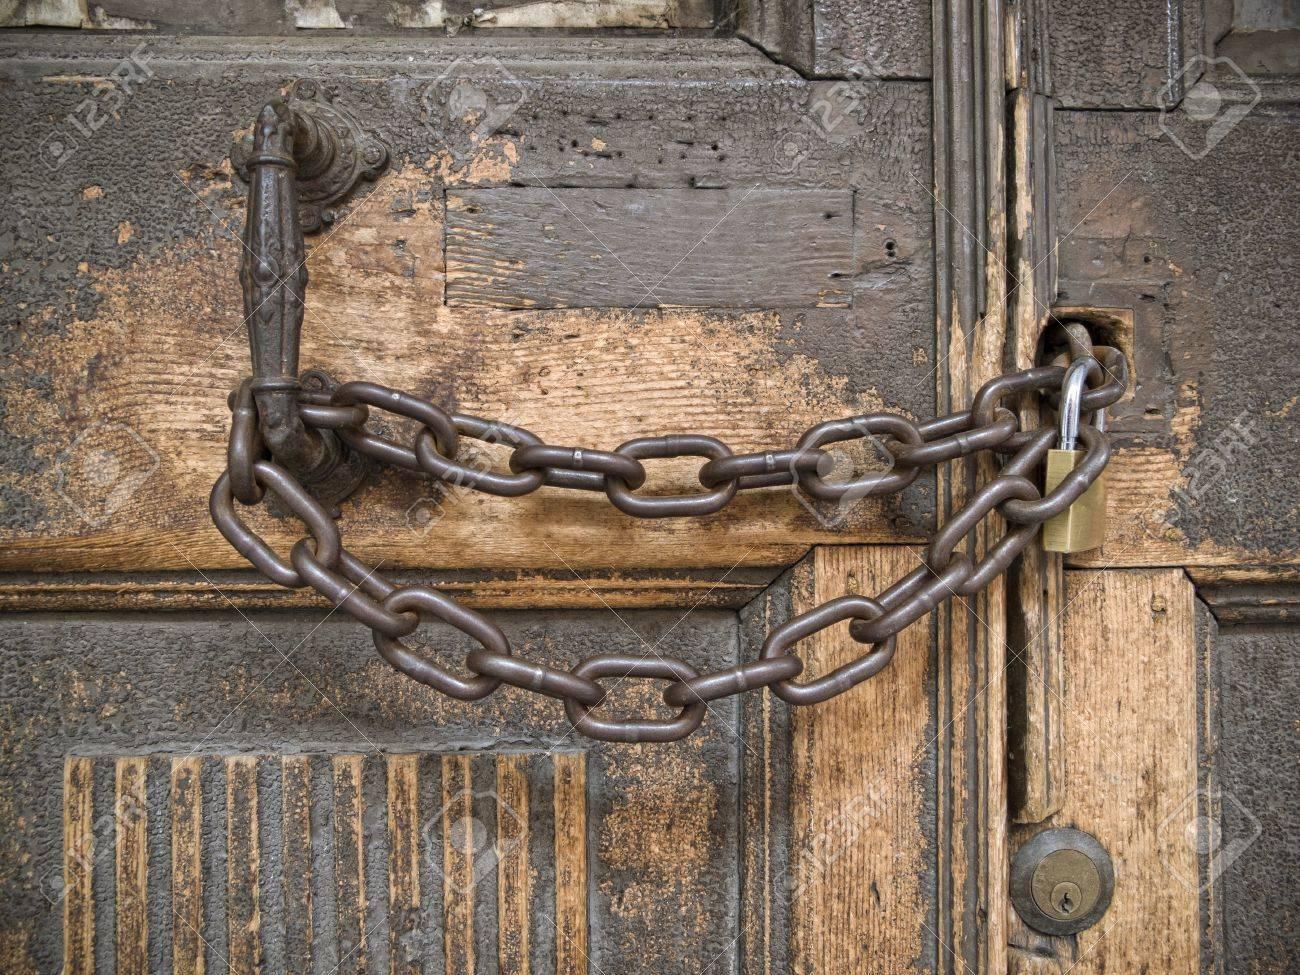 Bon Samedi 13496998-cluse-ferm-e-avec-une-cha-ne-sur-une-vieille-porte-en-bois-Banque-d'images